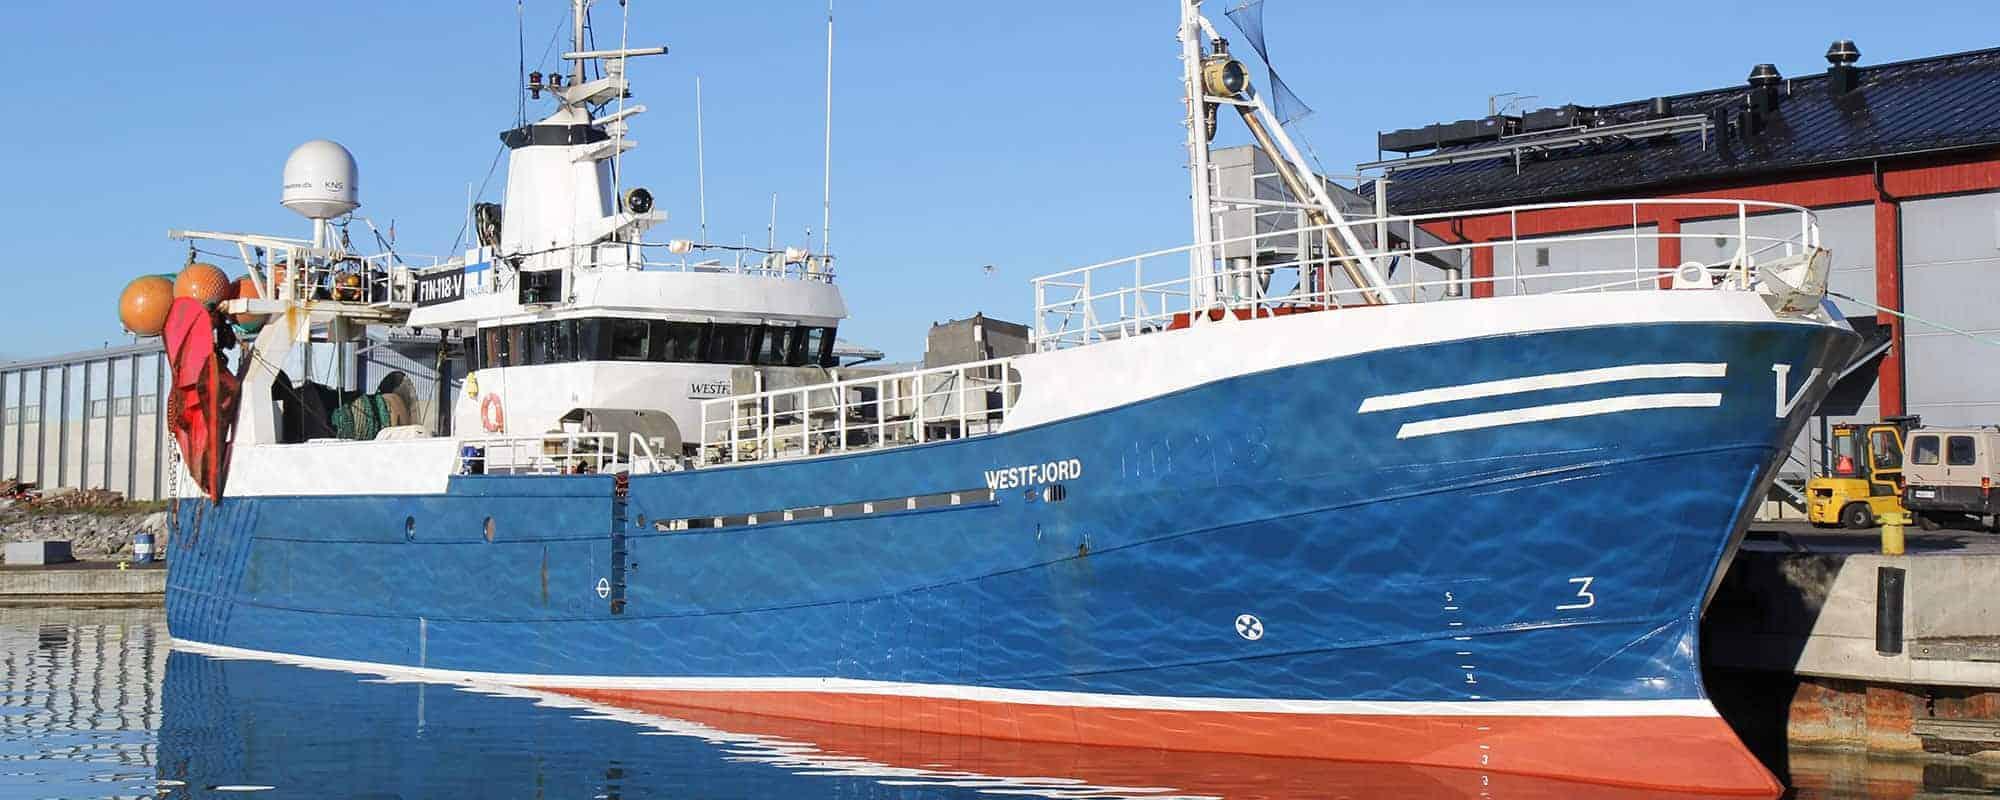 Kalastusalus Westfjord